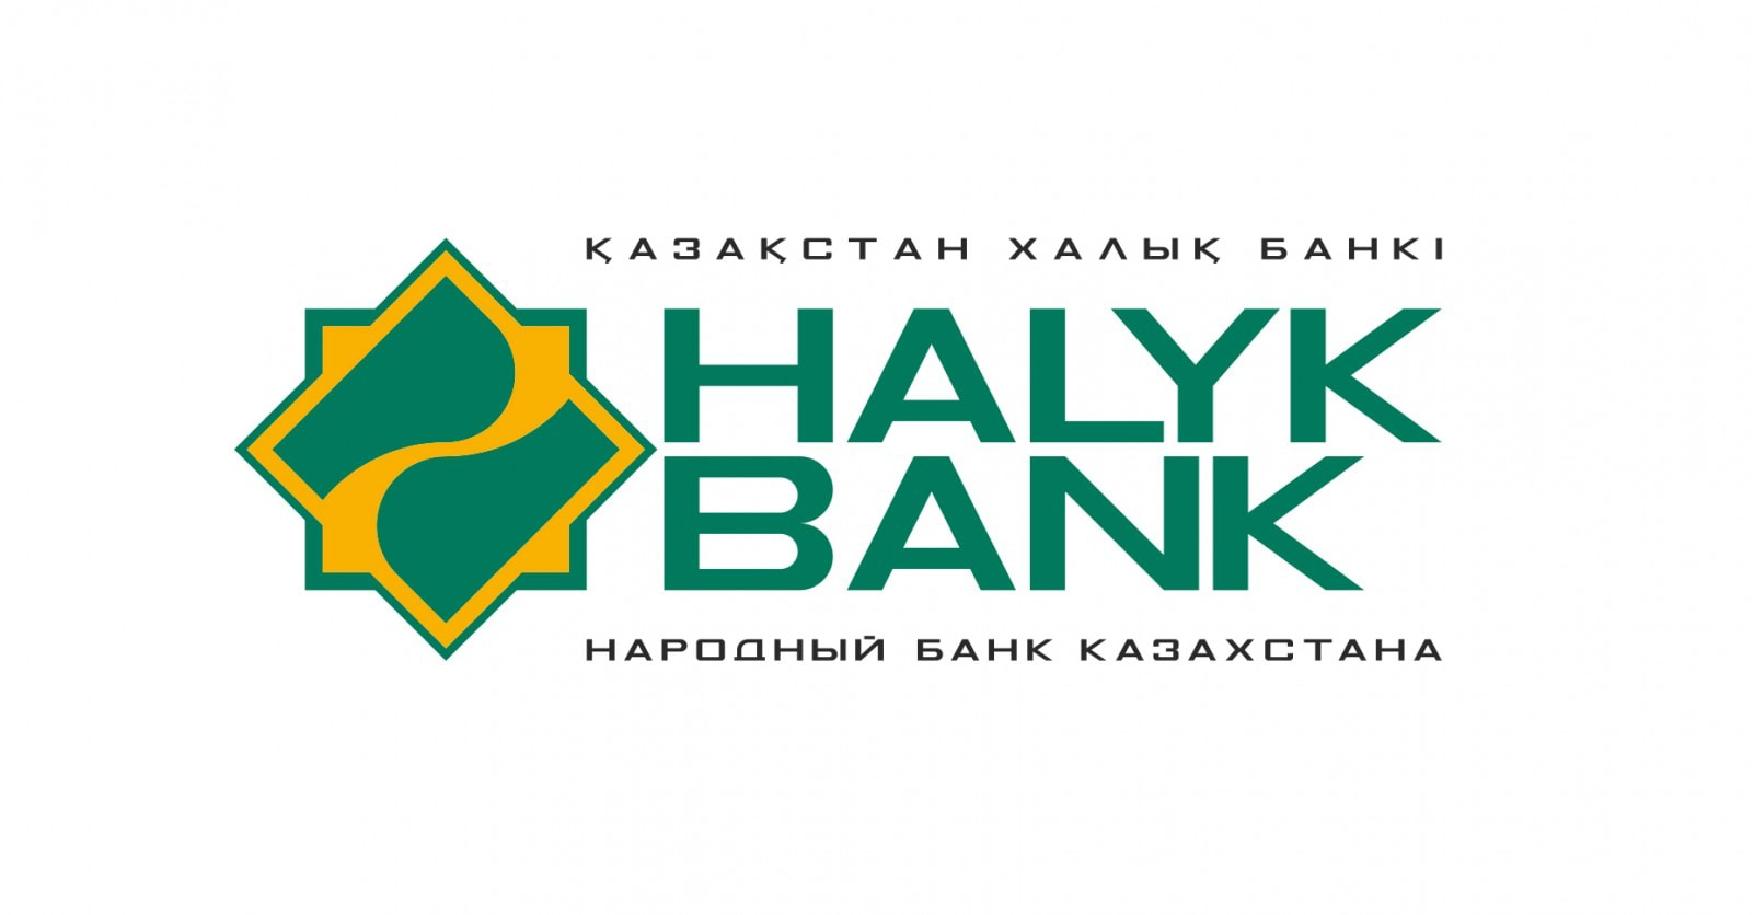 Кредитный калькулятор каспийского банка казахстана онлайн